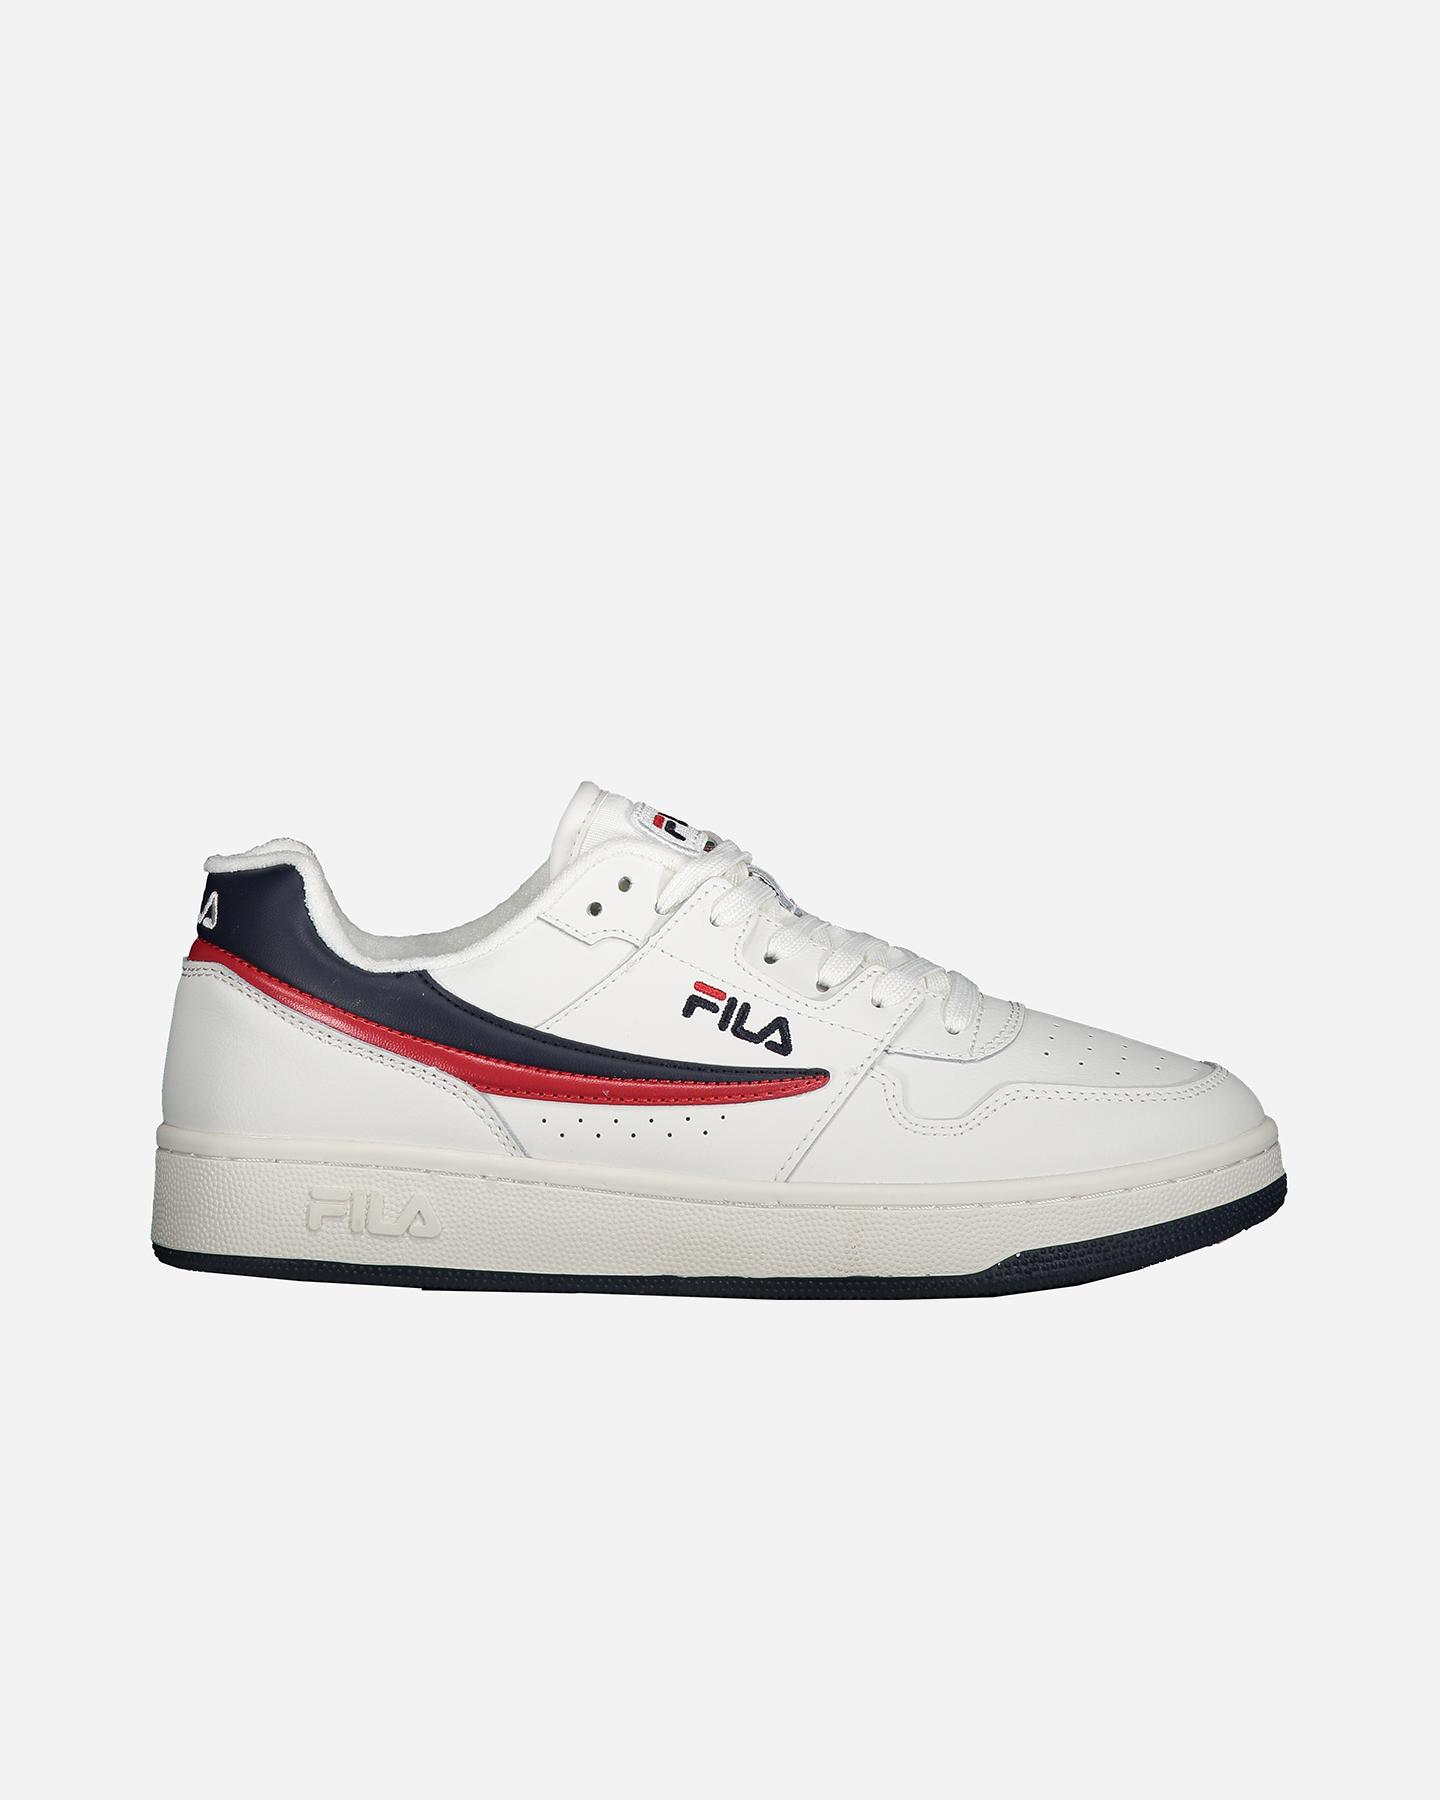 fastidioso Irradiare Patetico  Scarpe Sneakers Fila Arcade Low M 1010583-01M | Cisalfa Sport